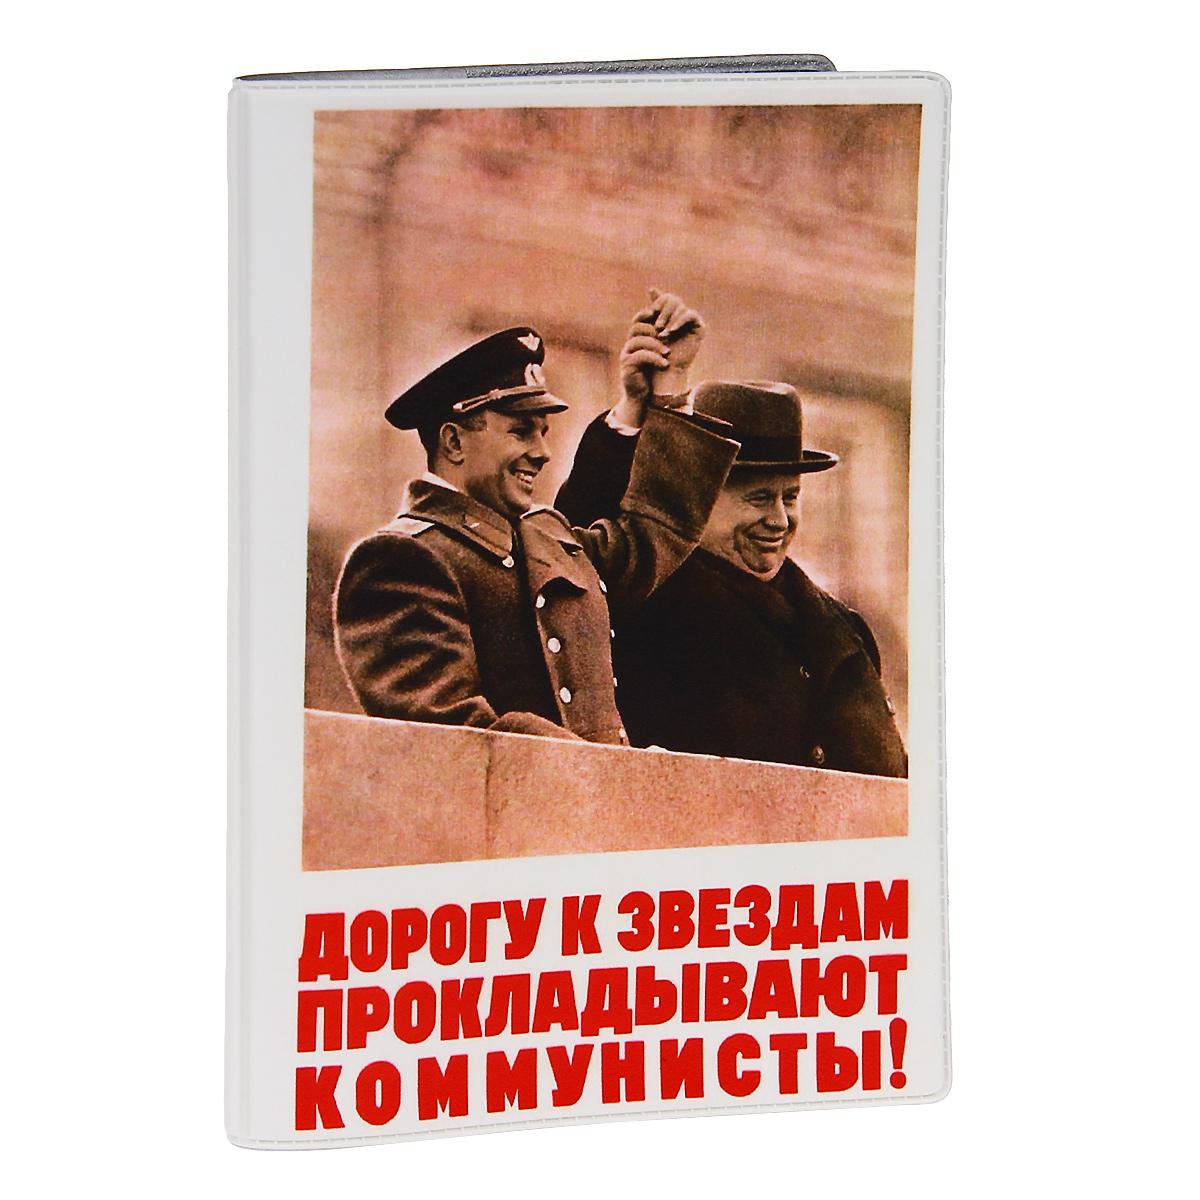 Обложка для паспорта Дорога к звездам. OZAM273O.1.LG. черныйОбложка для паспорта Mitya Veselkov Дорога к звездам выполнена из прочного ПВХ и оформлена изображением фотографии, на которой запечатлены Хрущев и Гагарин, и надписью Дорогу к звездам прокладывают коммунисты!. Такая обложка не только поможет сохранить внешний вид ваших документов и защитит их от повреждений, но и станет стильным аксессуаром, идеально подходящим вашему образу.Яркая и оригинальная обложка подчеркнет вашу индивидуальность и изысканный вкус. Обложка для паспорта стильного дизайна может быть достойным и оригинальным подарком.